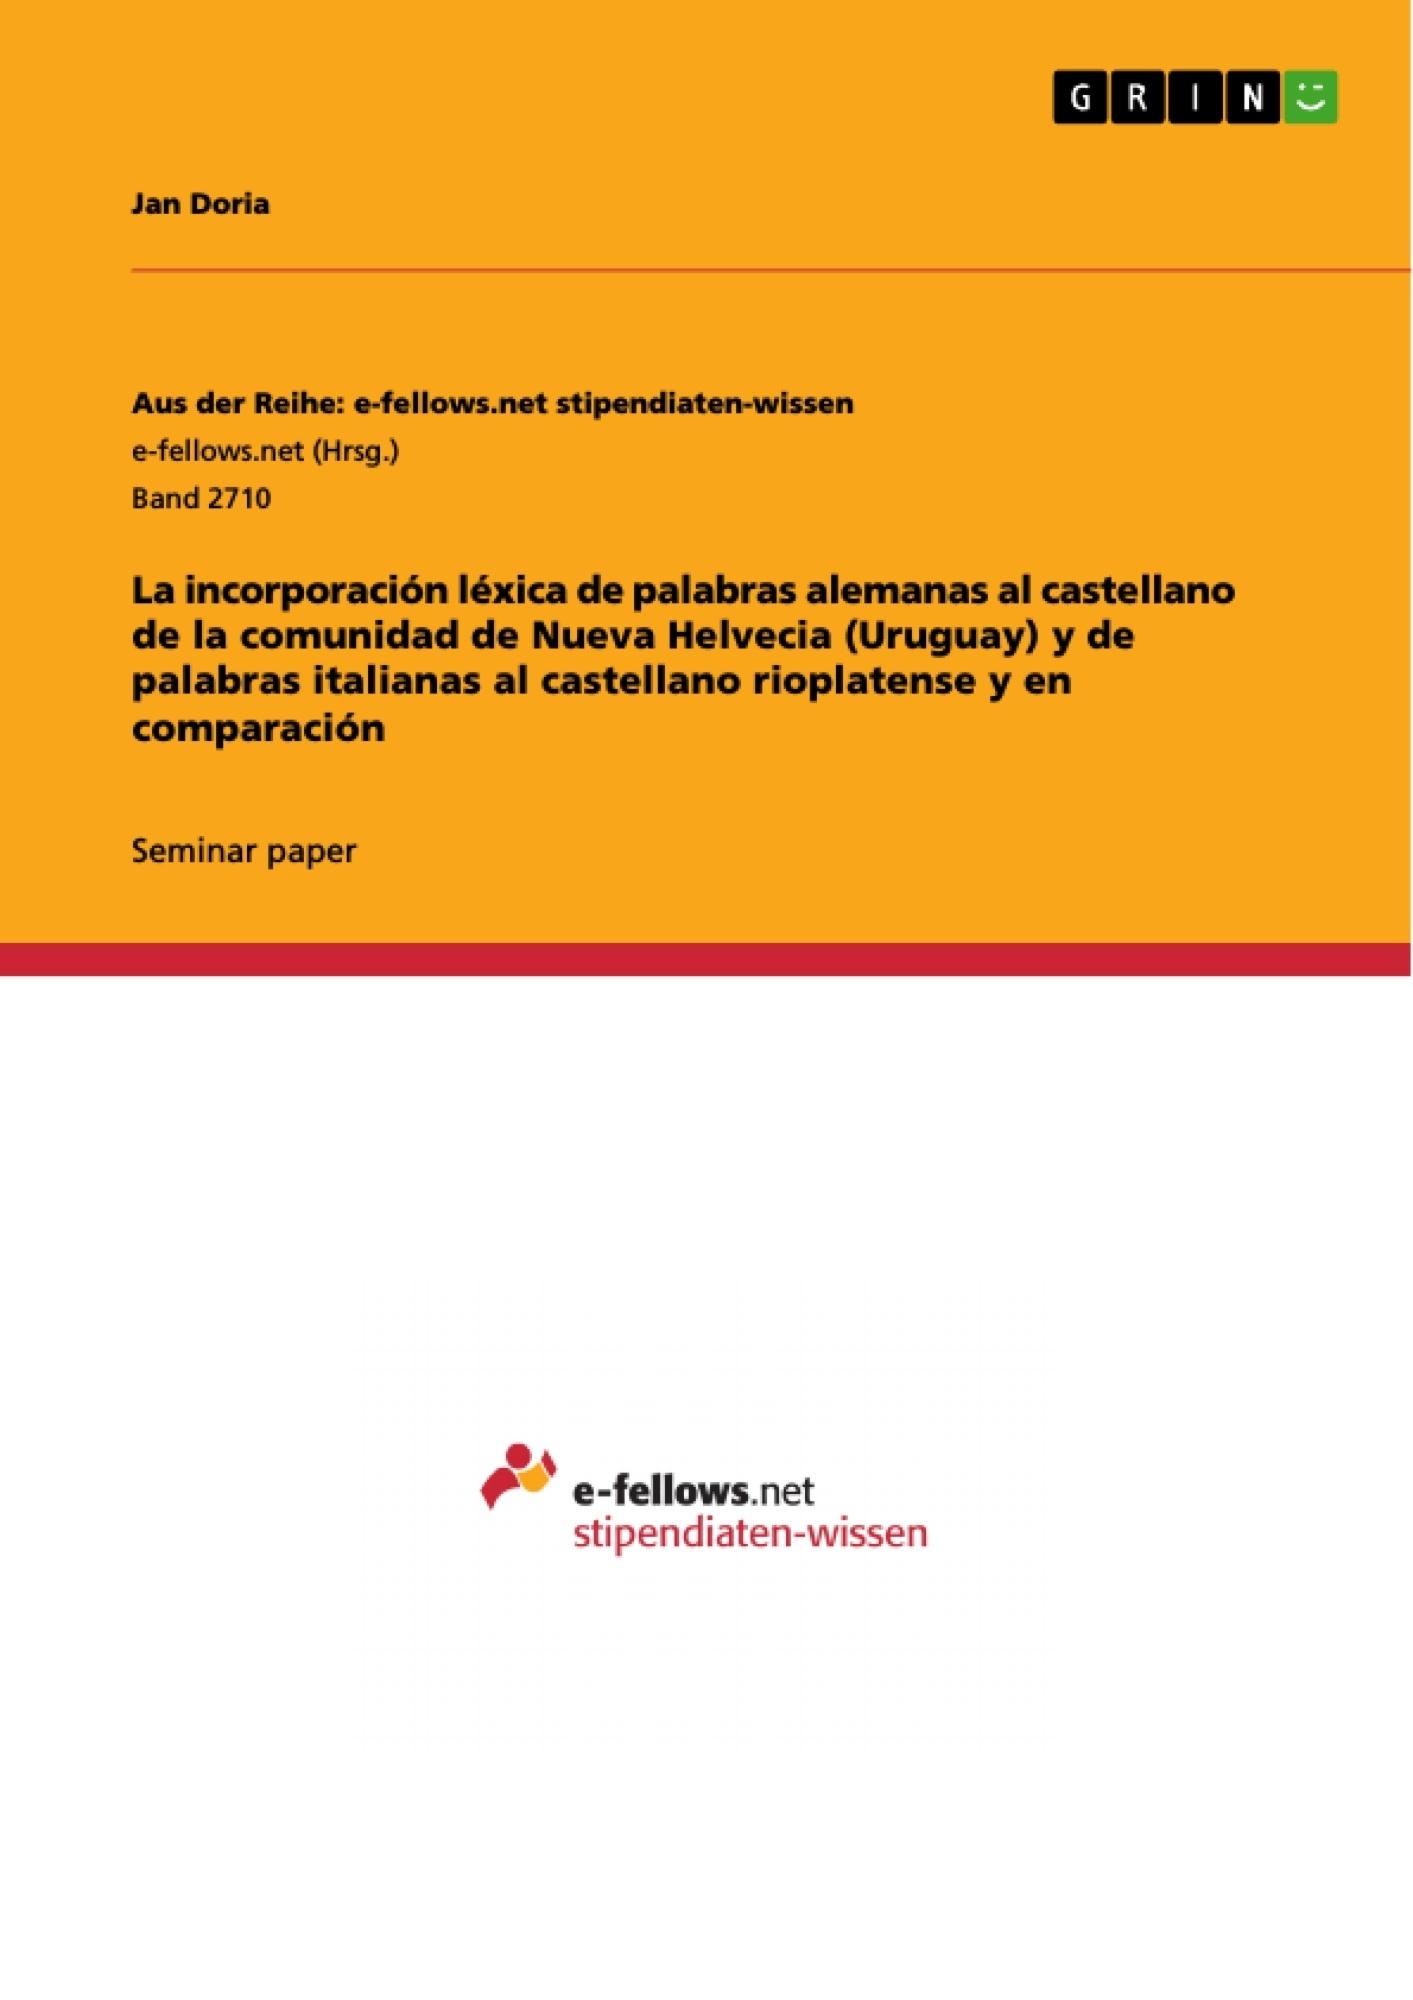 Título: La incorporación léxica de palabras alemanas al castellano de la comunidad de Nueva Helvecia (Uruguay) y de palabras italianas al castellano rioplatense y en comparación